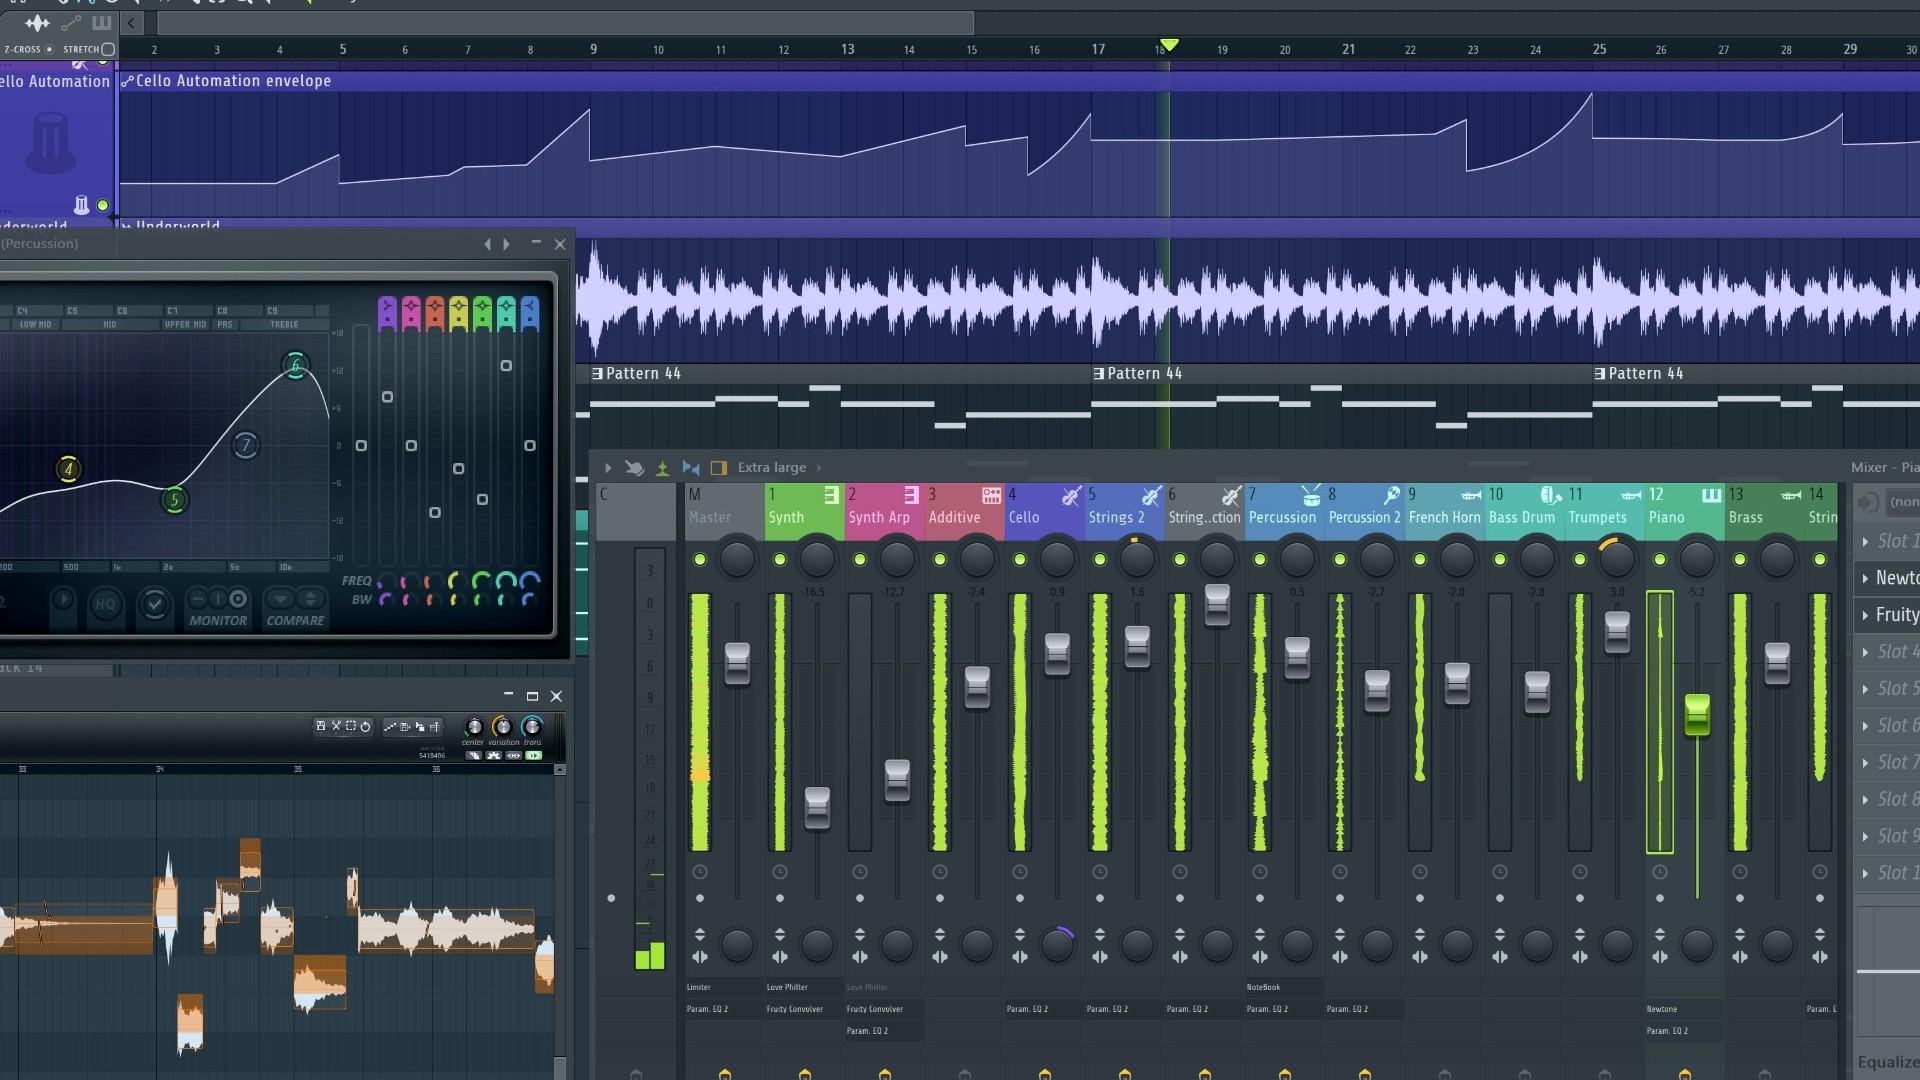 نرم افزار اف ال استودیو - FL STUDIO